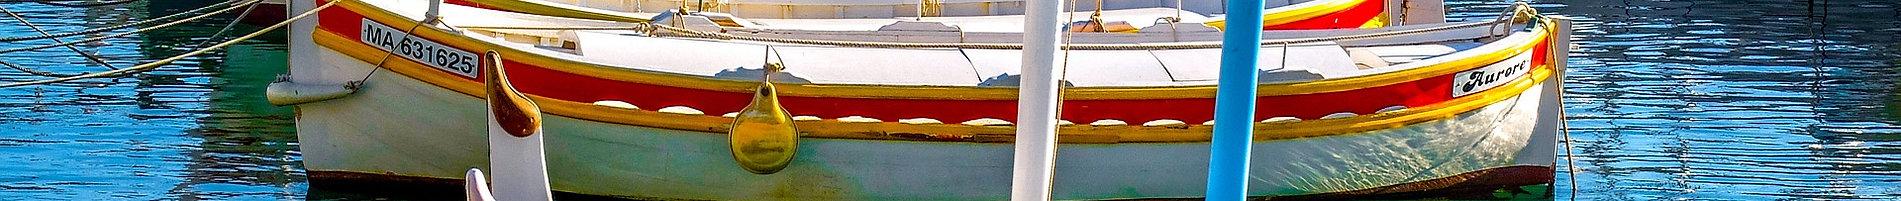 fishing-boat-2103041_1920.jpg